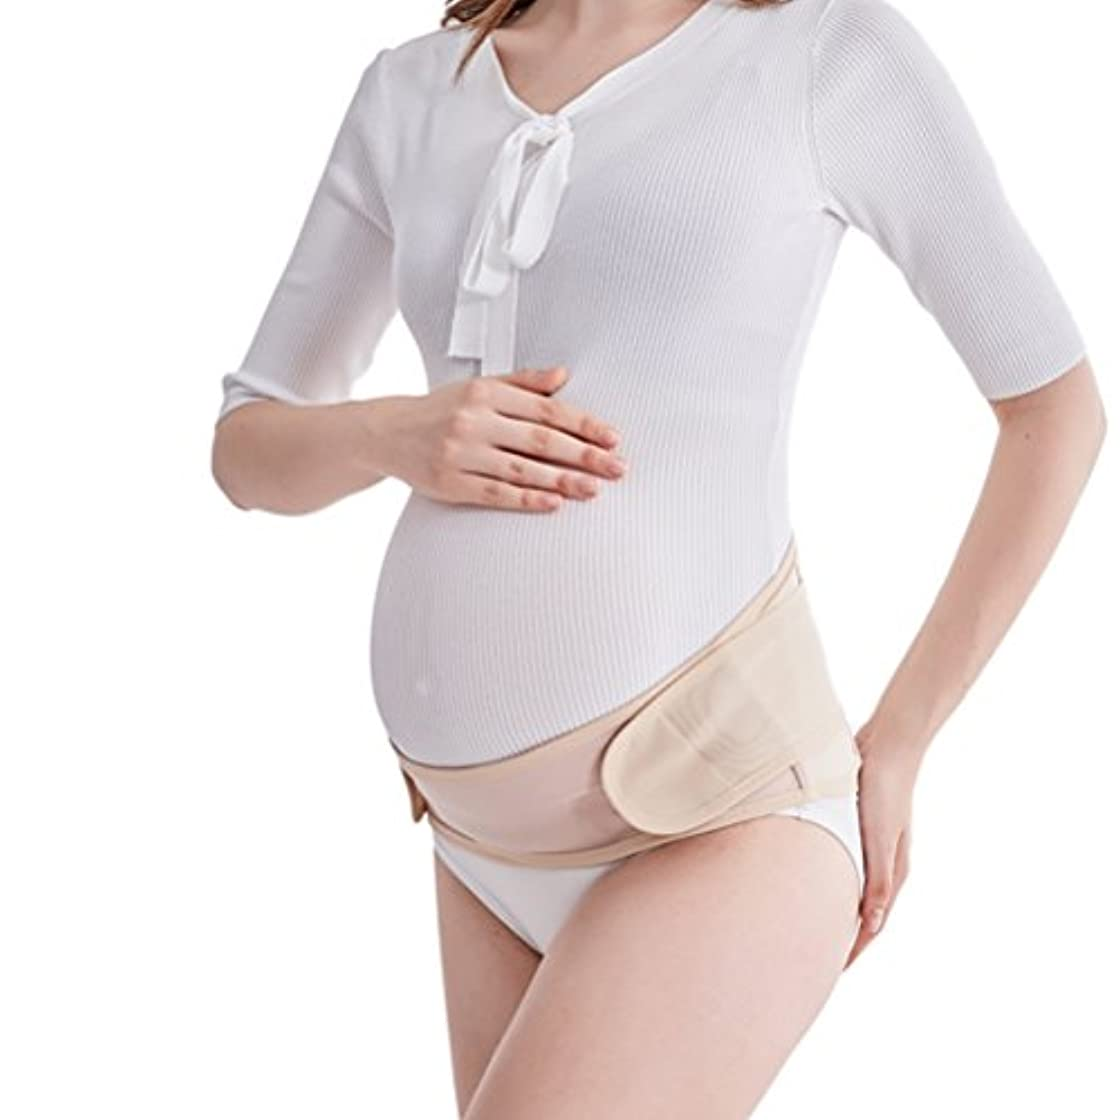 ストラトフォードオンエイボン宇宙の週間妊娠中のサポートバンドバックと骨盤のサポート腹部腹部バンド妊娠中のゆりかご腹部サポートベルトウエストバックサポート出生用ラップ調節可能な妊娠ベルト妊娠中のマタニティベルト妊娠シェイプウェア